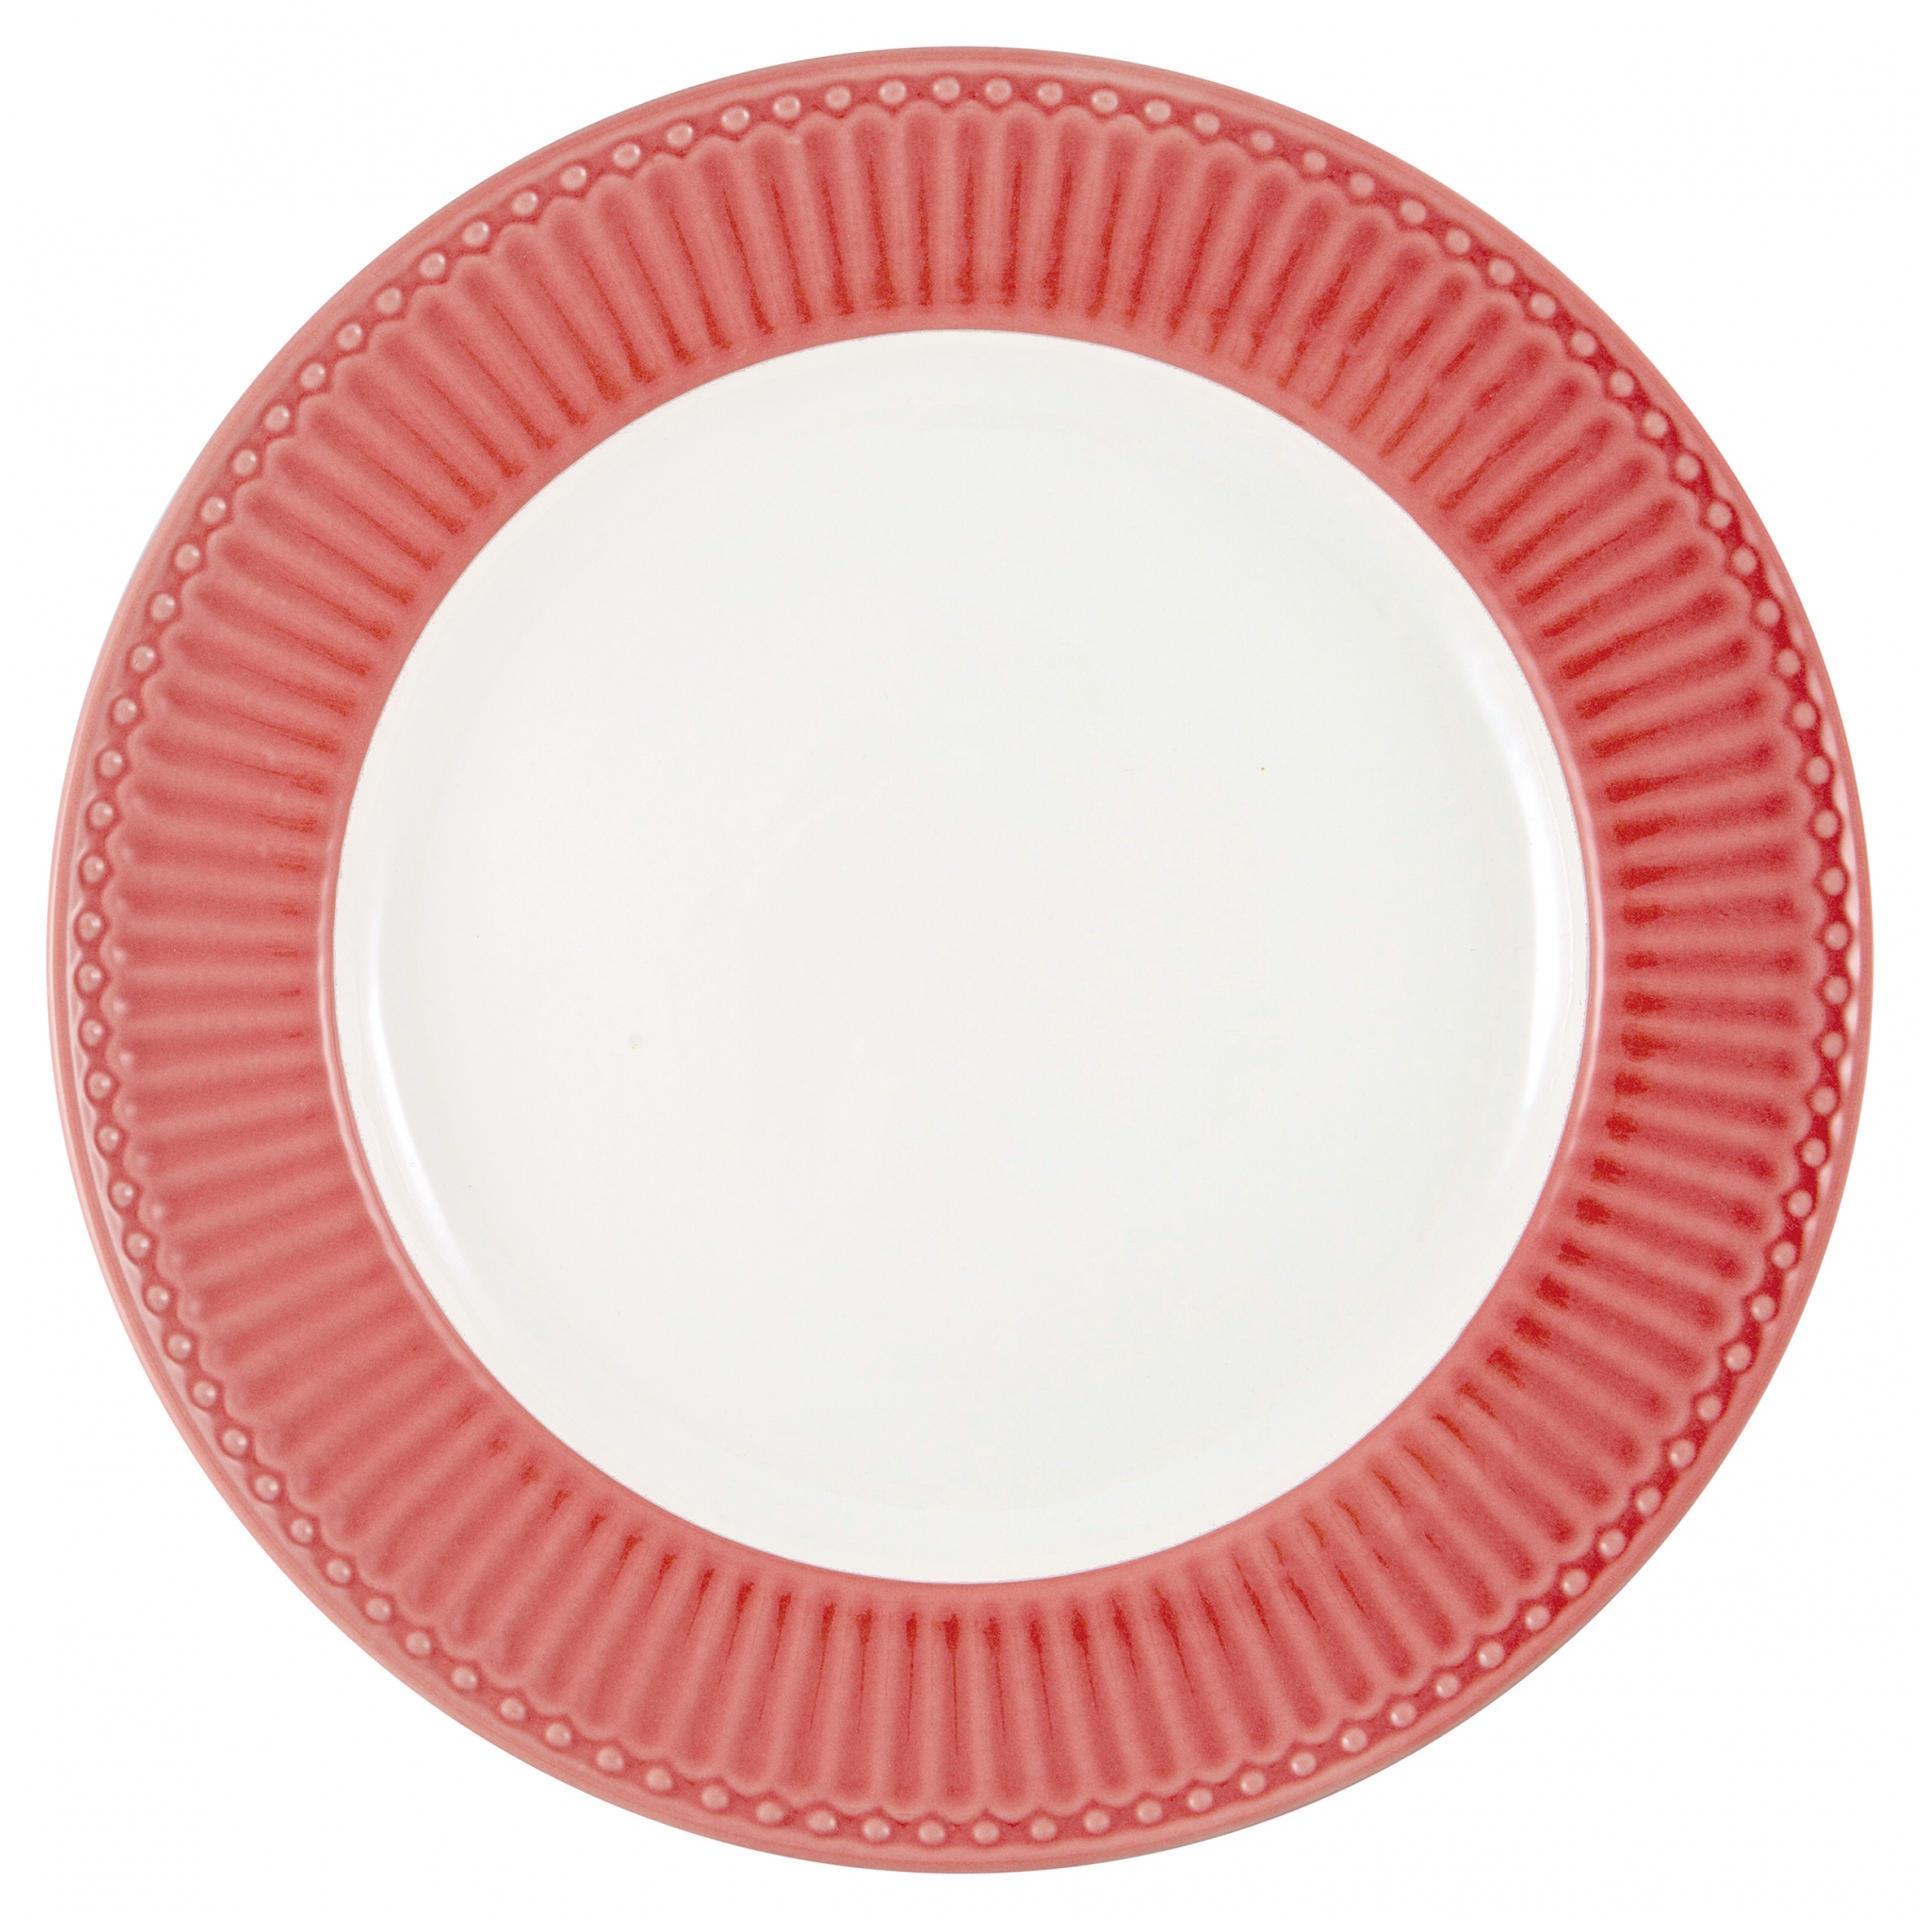 GREEN GATE Keramický talíř Alice Coral, červená barva, oranžová barva, bílá barva, keramika